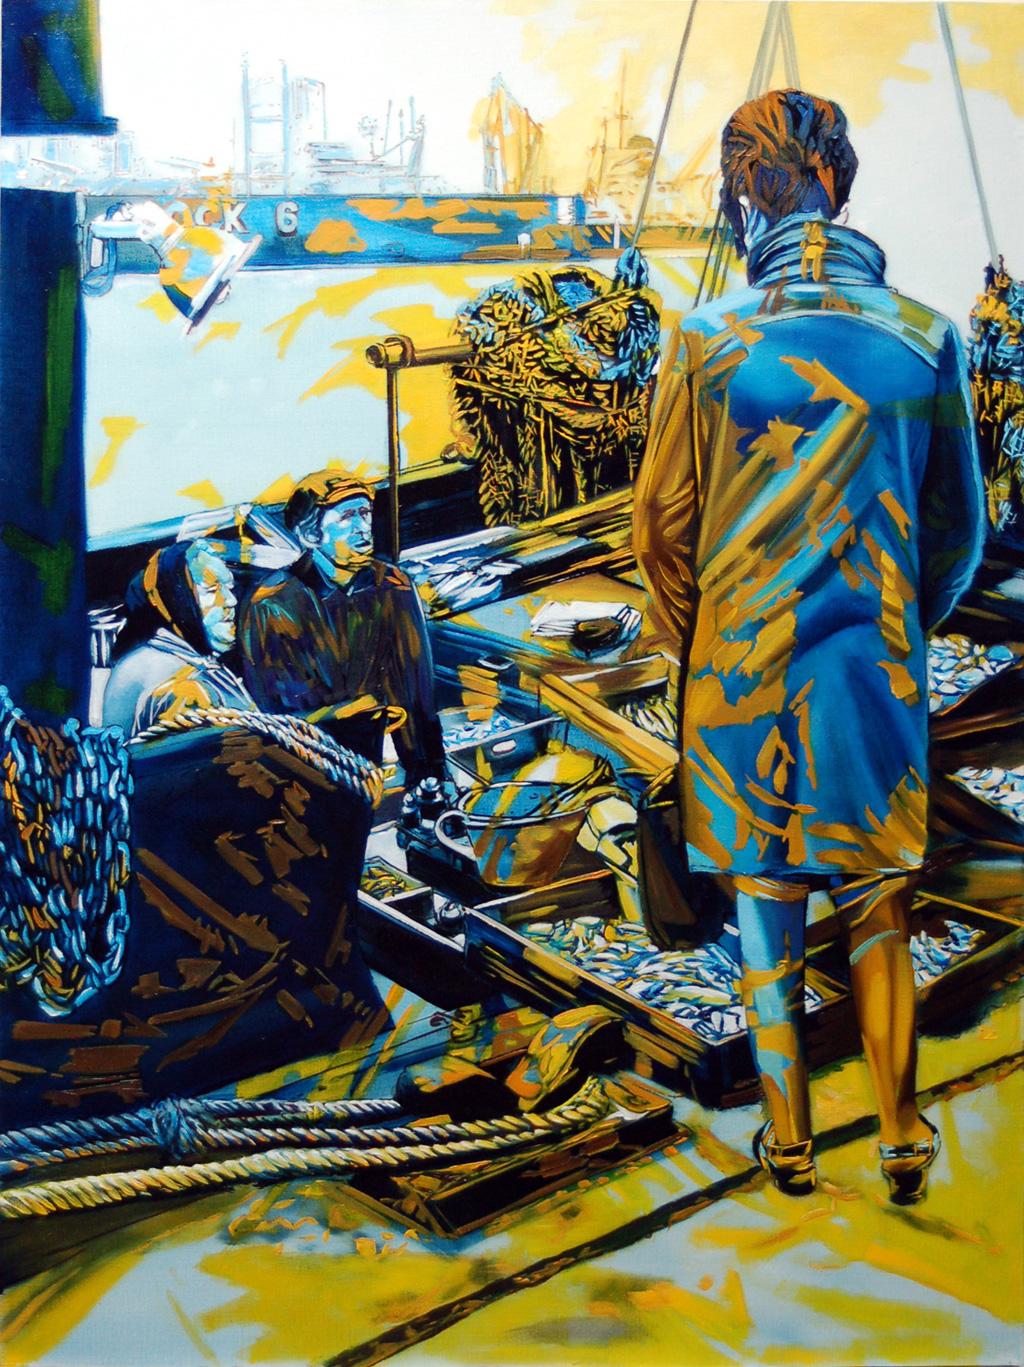 2011, Fischmarkt Bademantel